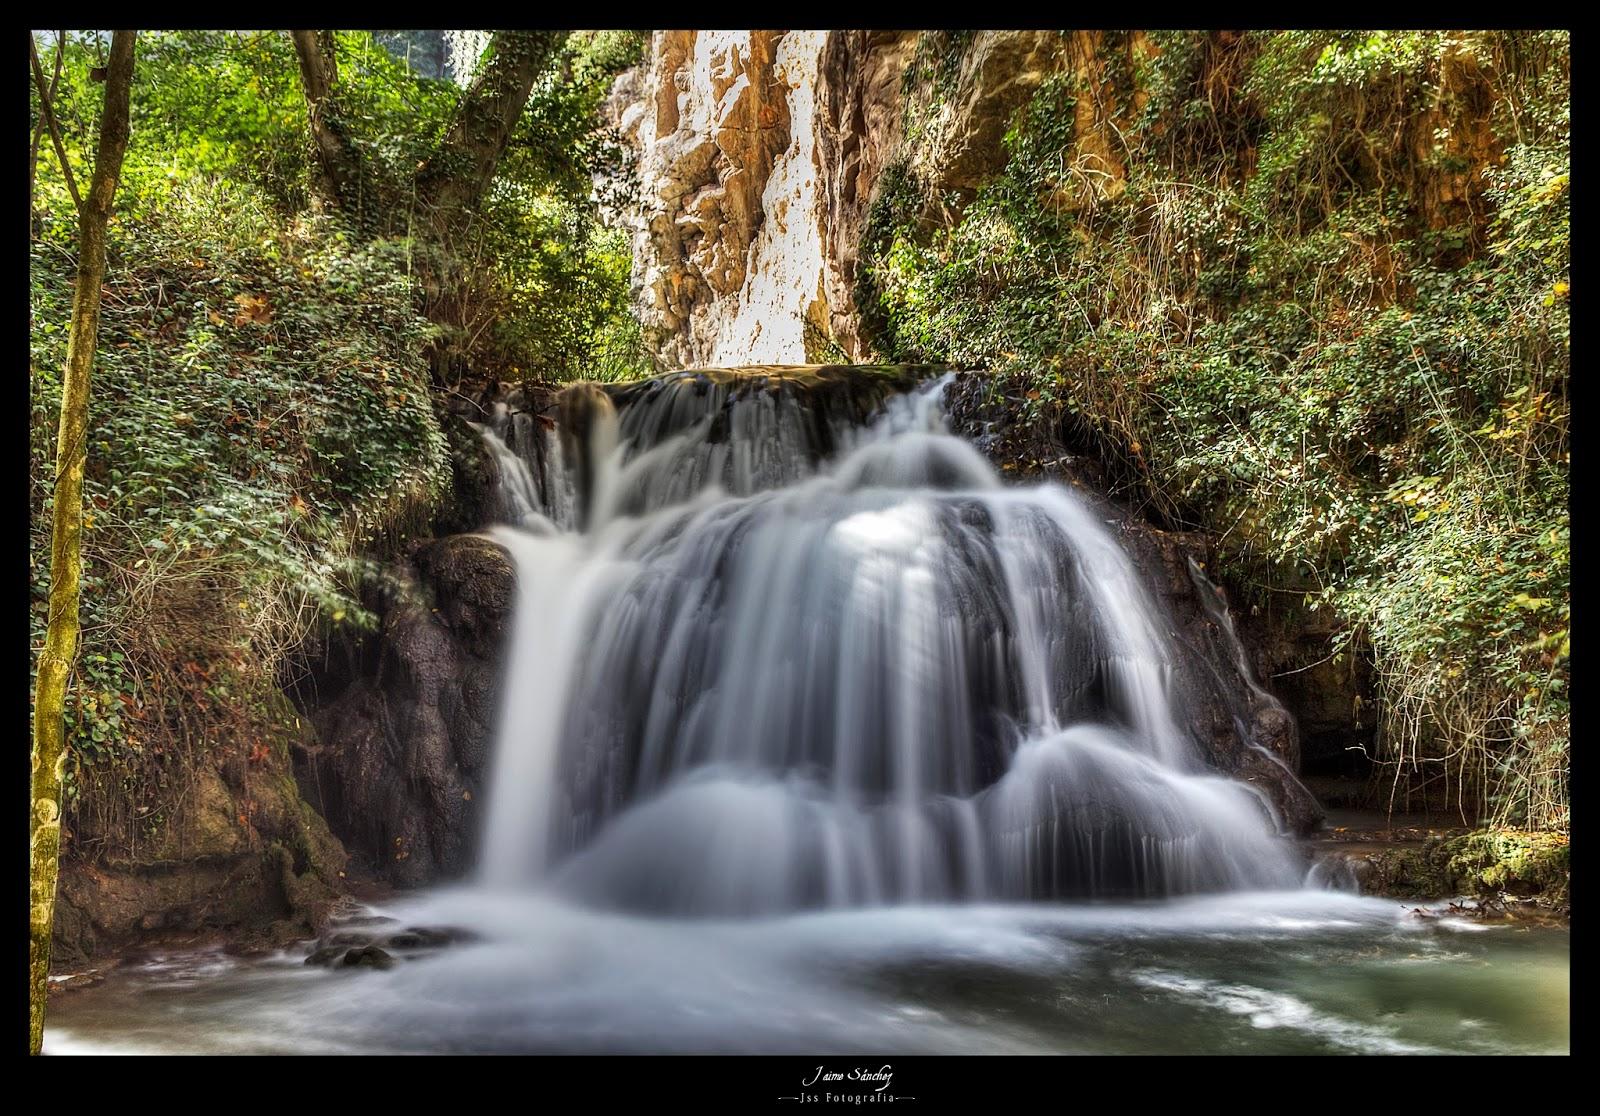 Jaime s nchez sim n jss fotografia monasterio de piedra for Cascadas de piedra